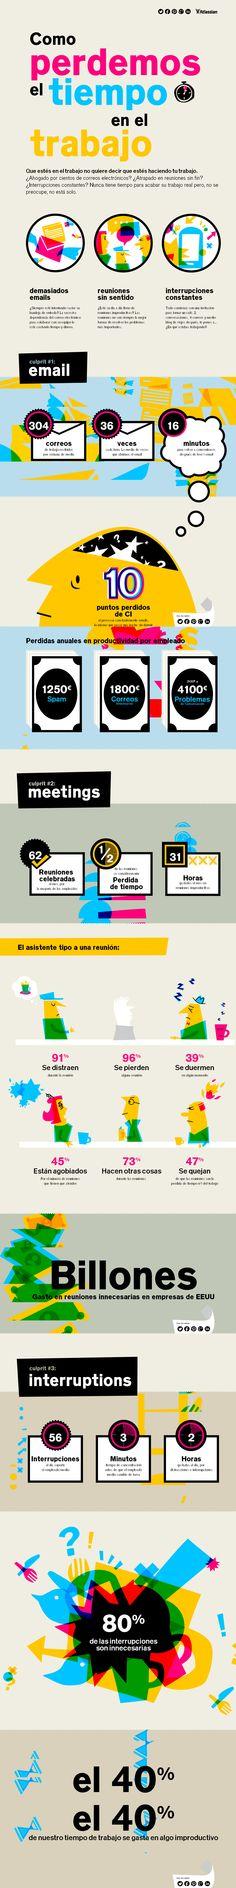 Cómo perdemos el tiempo en el trabajo #infografia #infographic #productividad